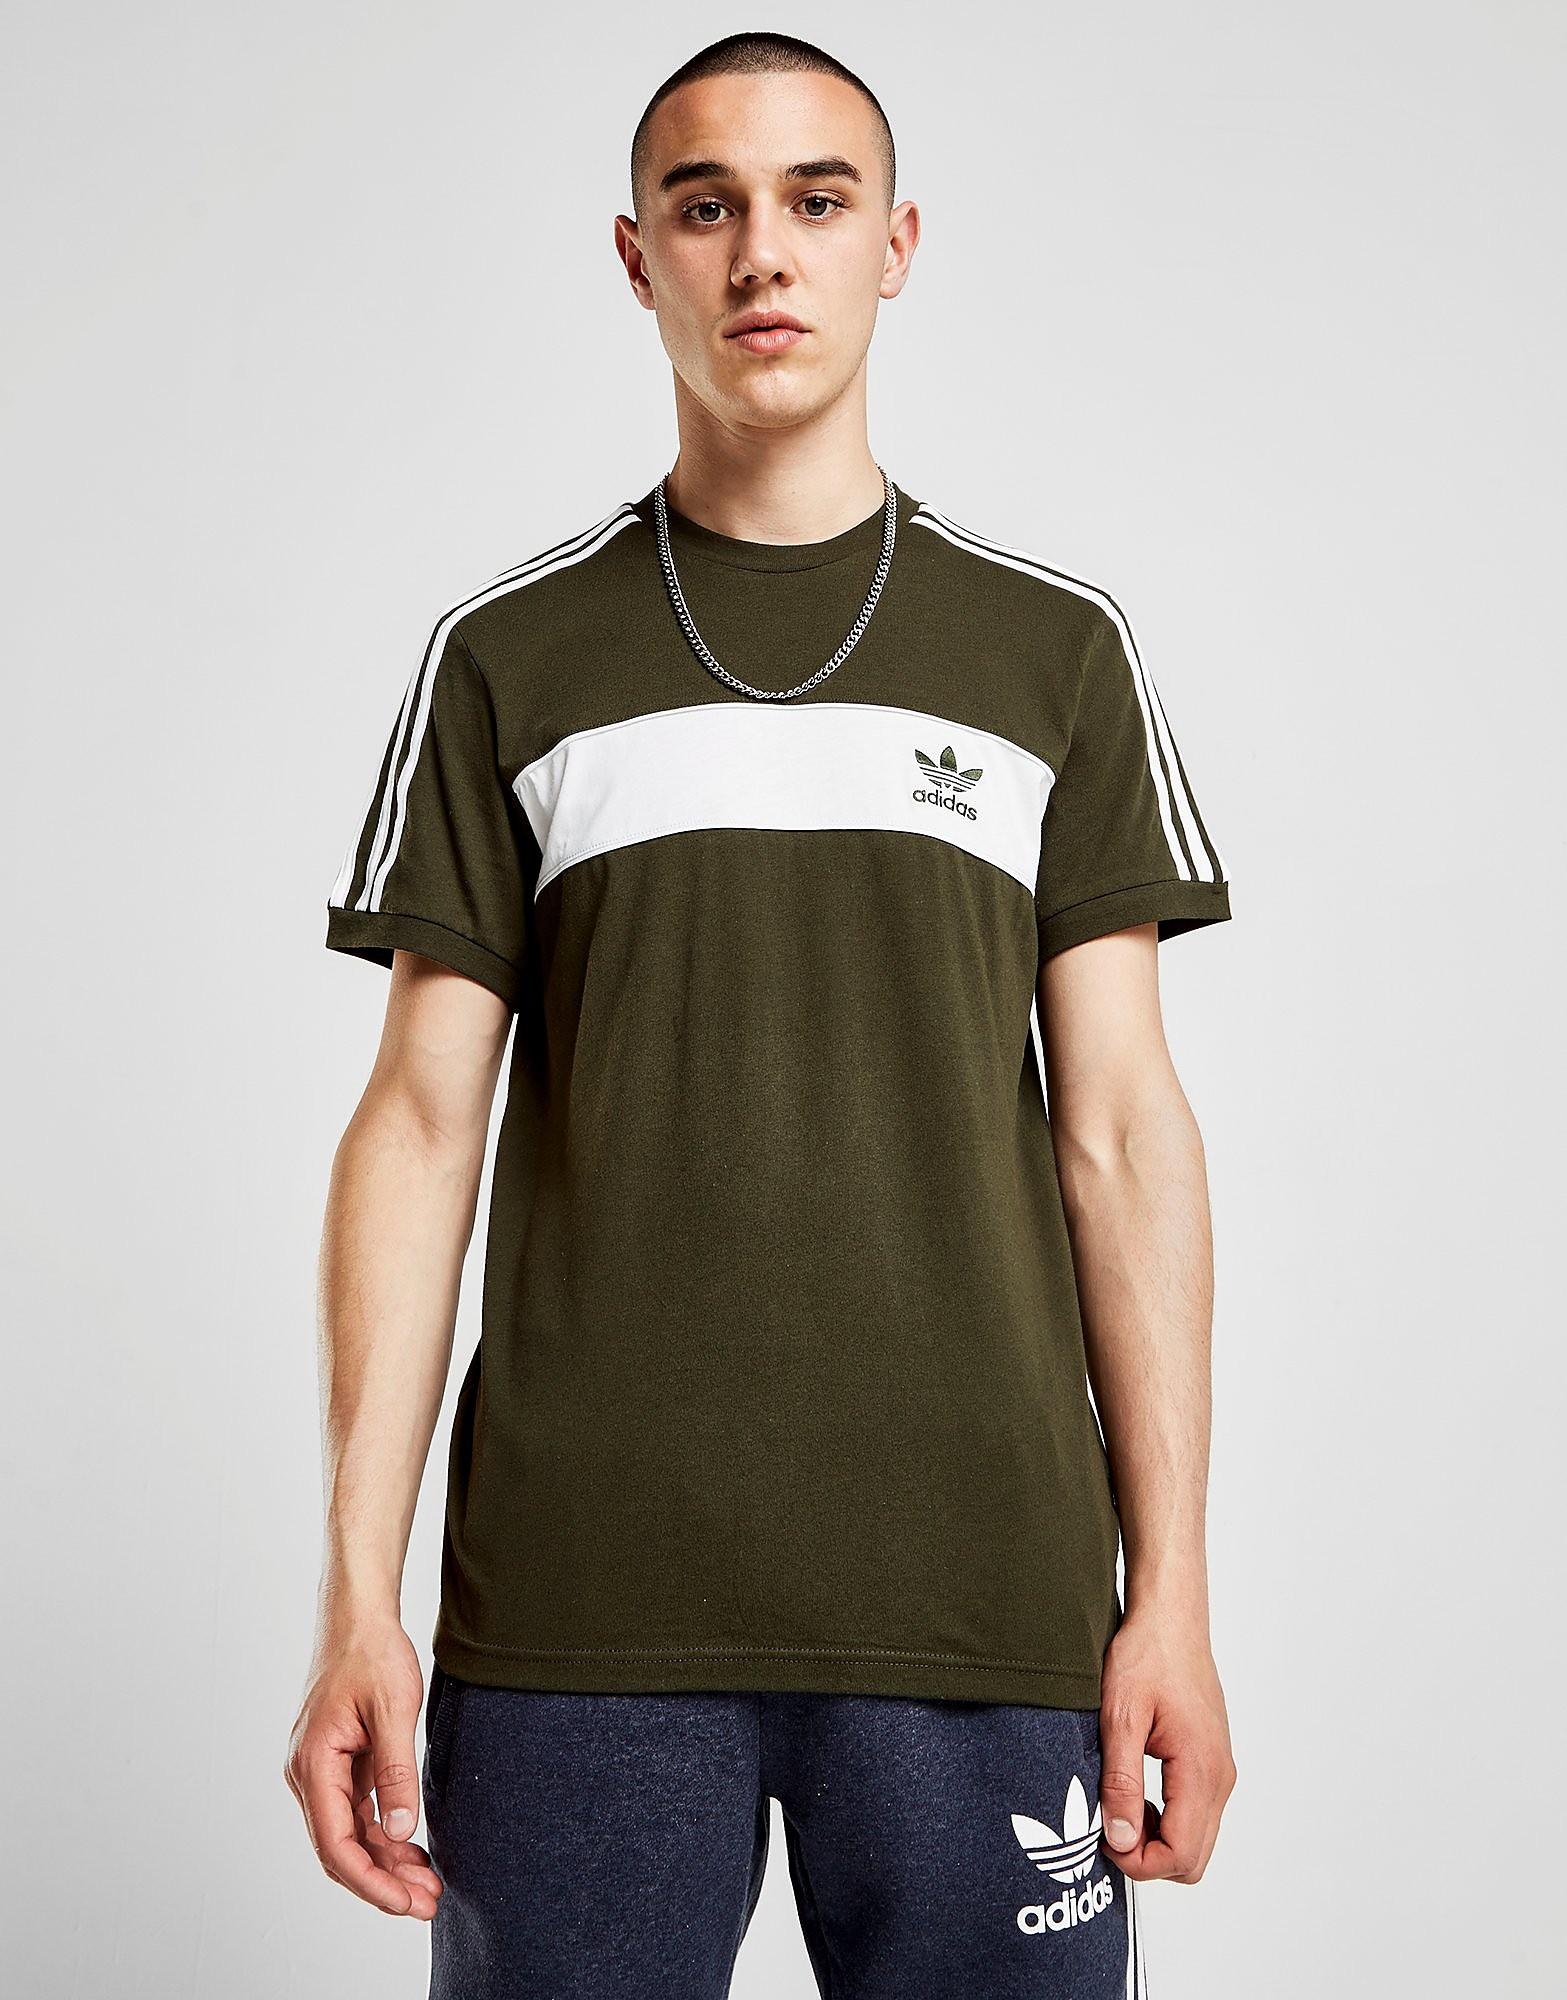 adidas Originals camiseta Hamburg